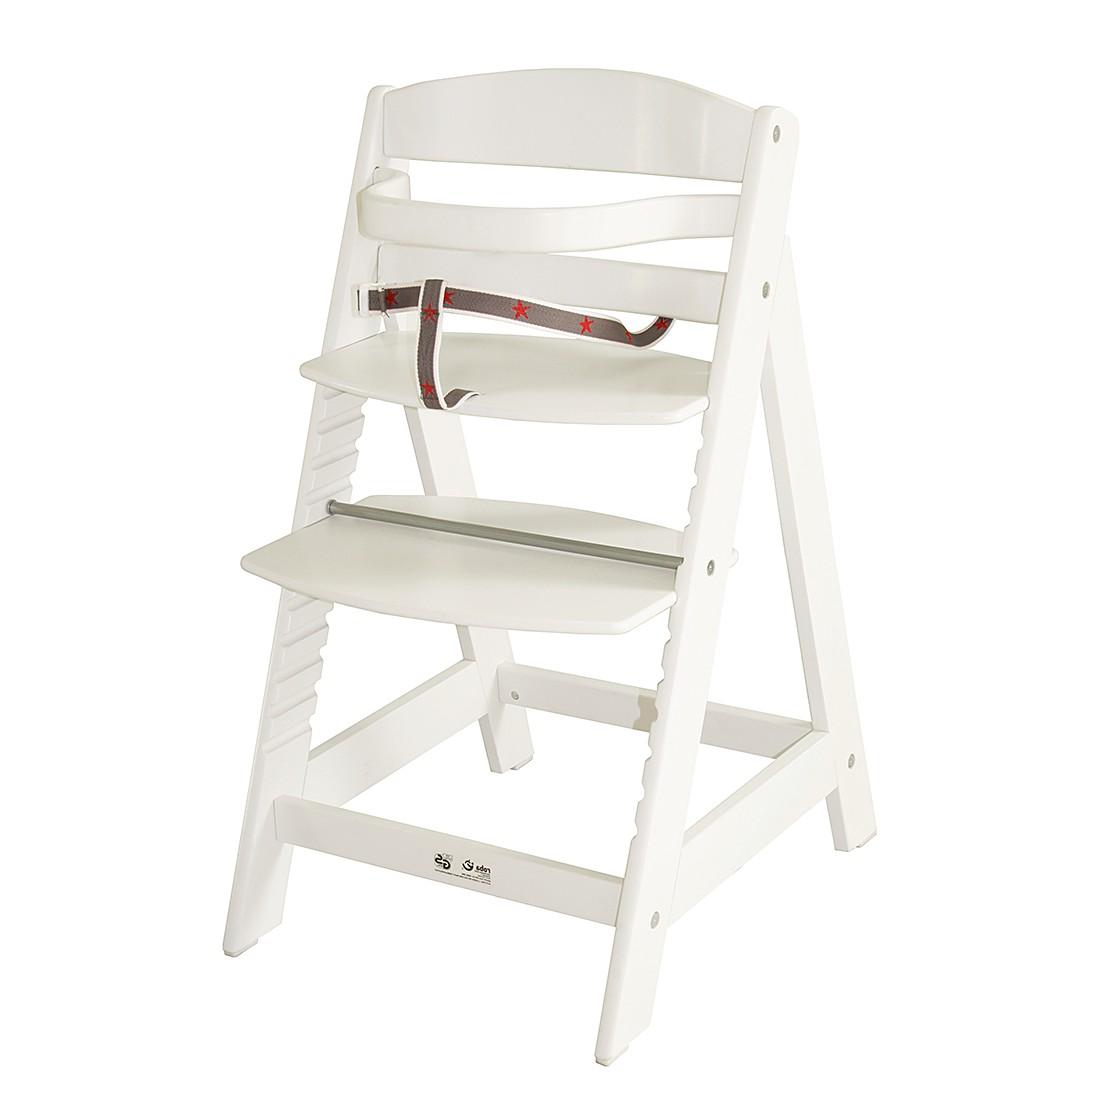 Home 24 - Chaise haute en escalier sit up 3 - blanc, roba